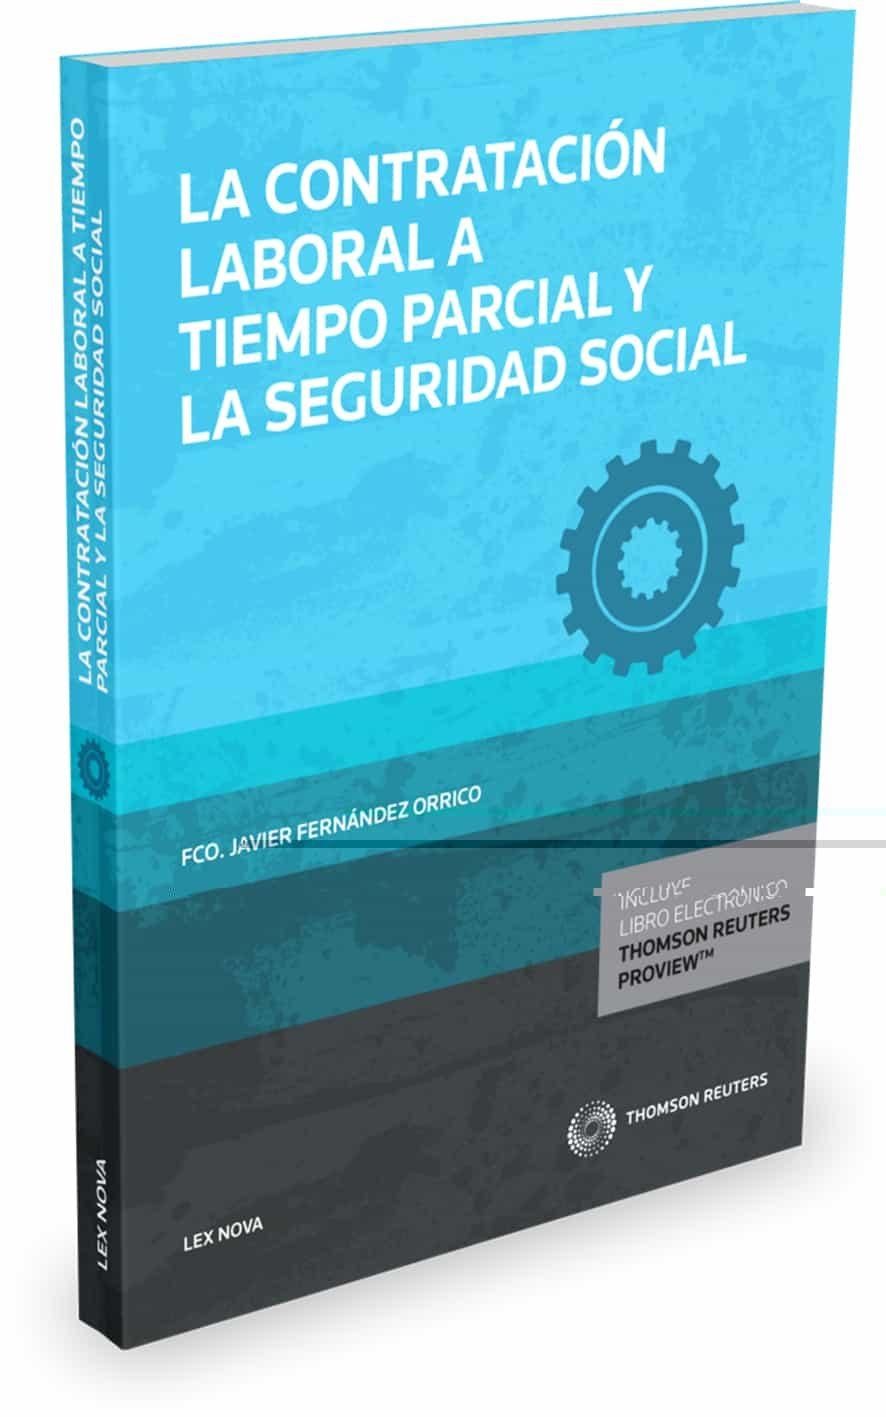 La Contratación Laboral A Tiempo Parcial Y La Seguridad Social - Fernandez Orrico Francisco Javier